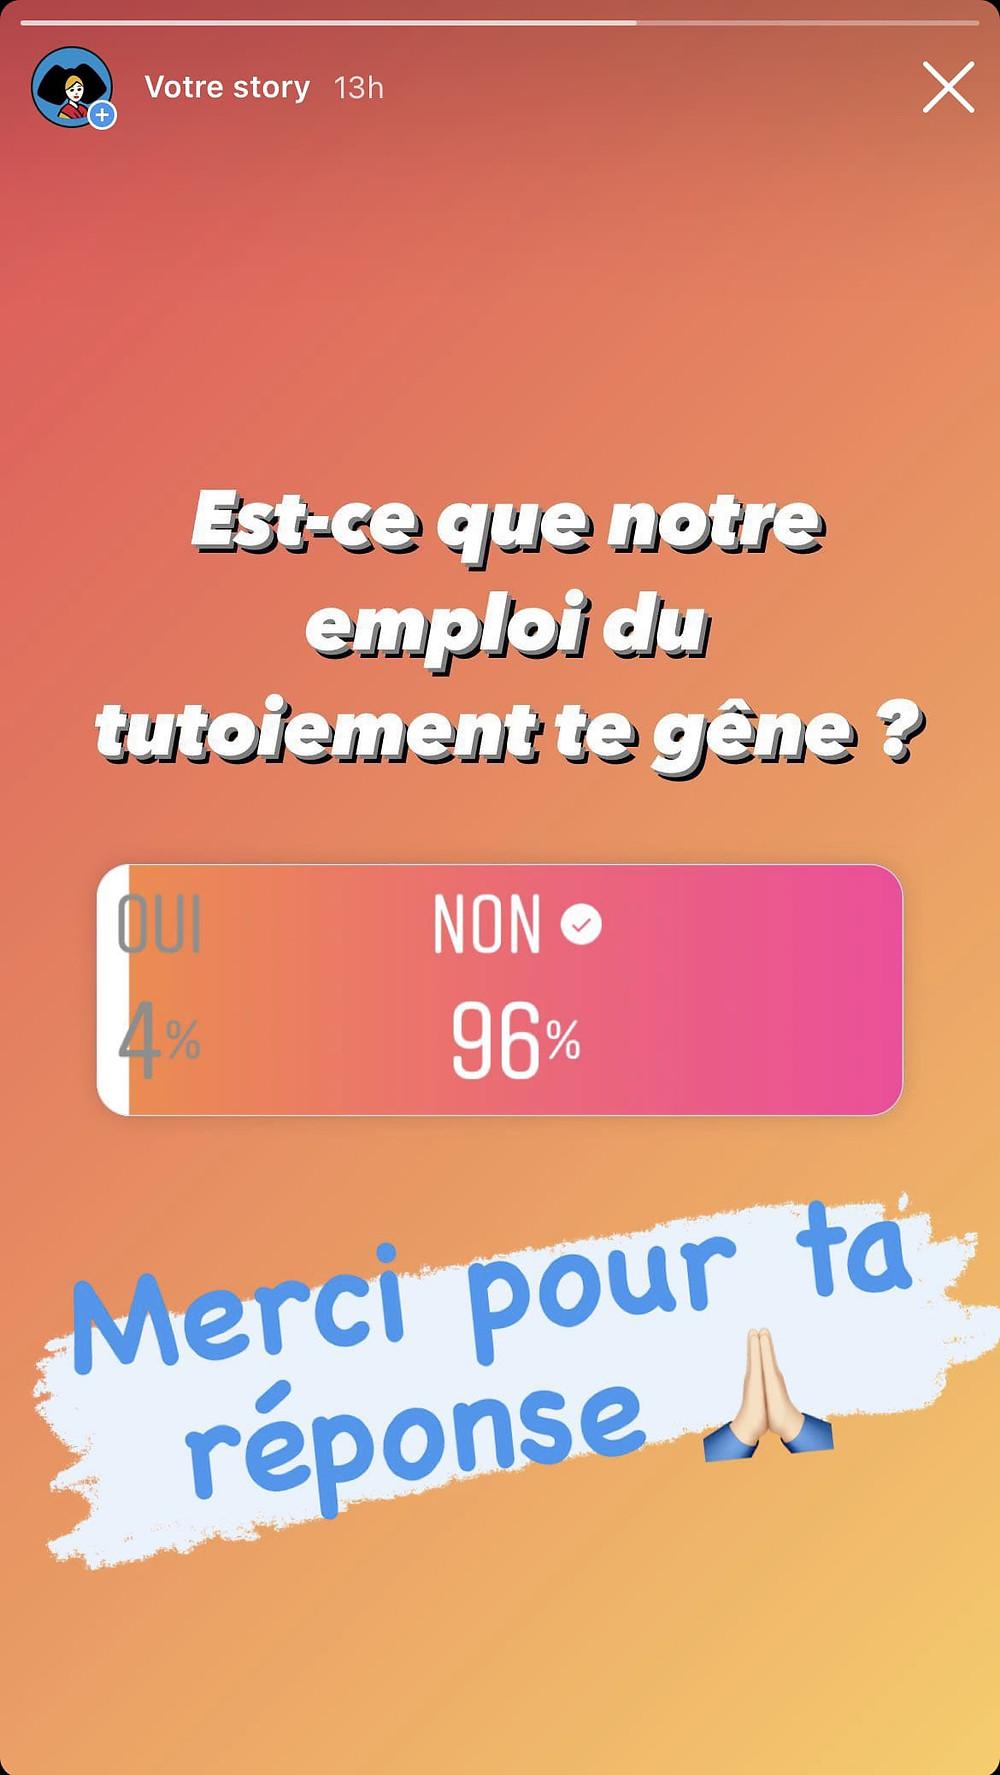 Image montrant le résultat d'un sondage sur le tutoiement dispensé par Tempé sur sa page Instagram. 96% des personnes interrogées ont répondu ne pas être gêné par le tutoiement.